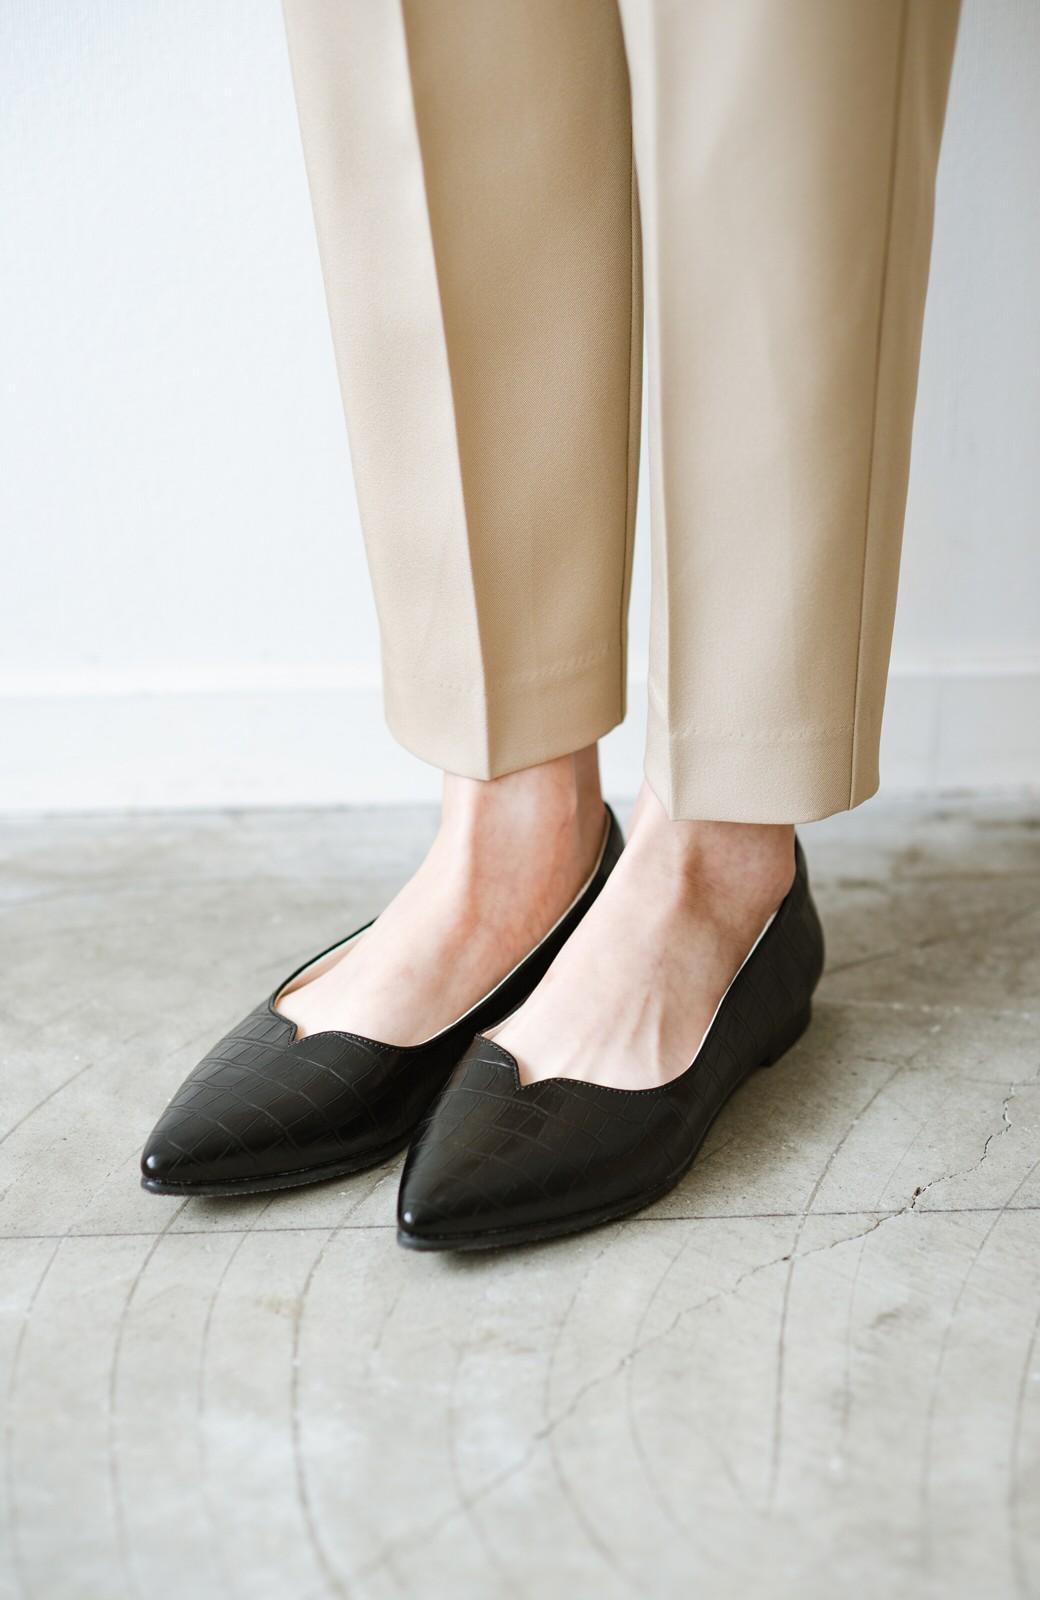 haco! 【防水】普段もお仕事も雨の日も!さっと履いて女っぽい Vカットが足をきれいに見せてくれるフラットパンプス <ブラック>の商品写真3